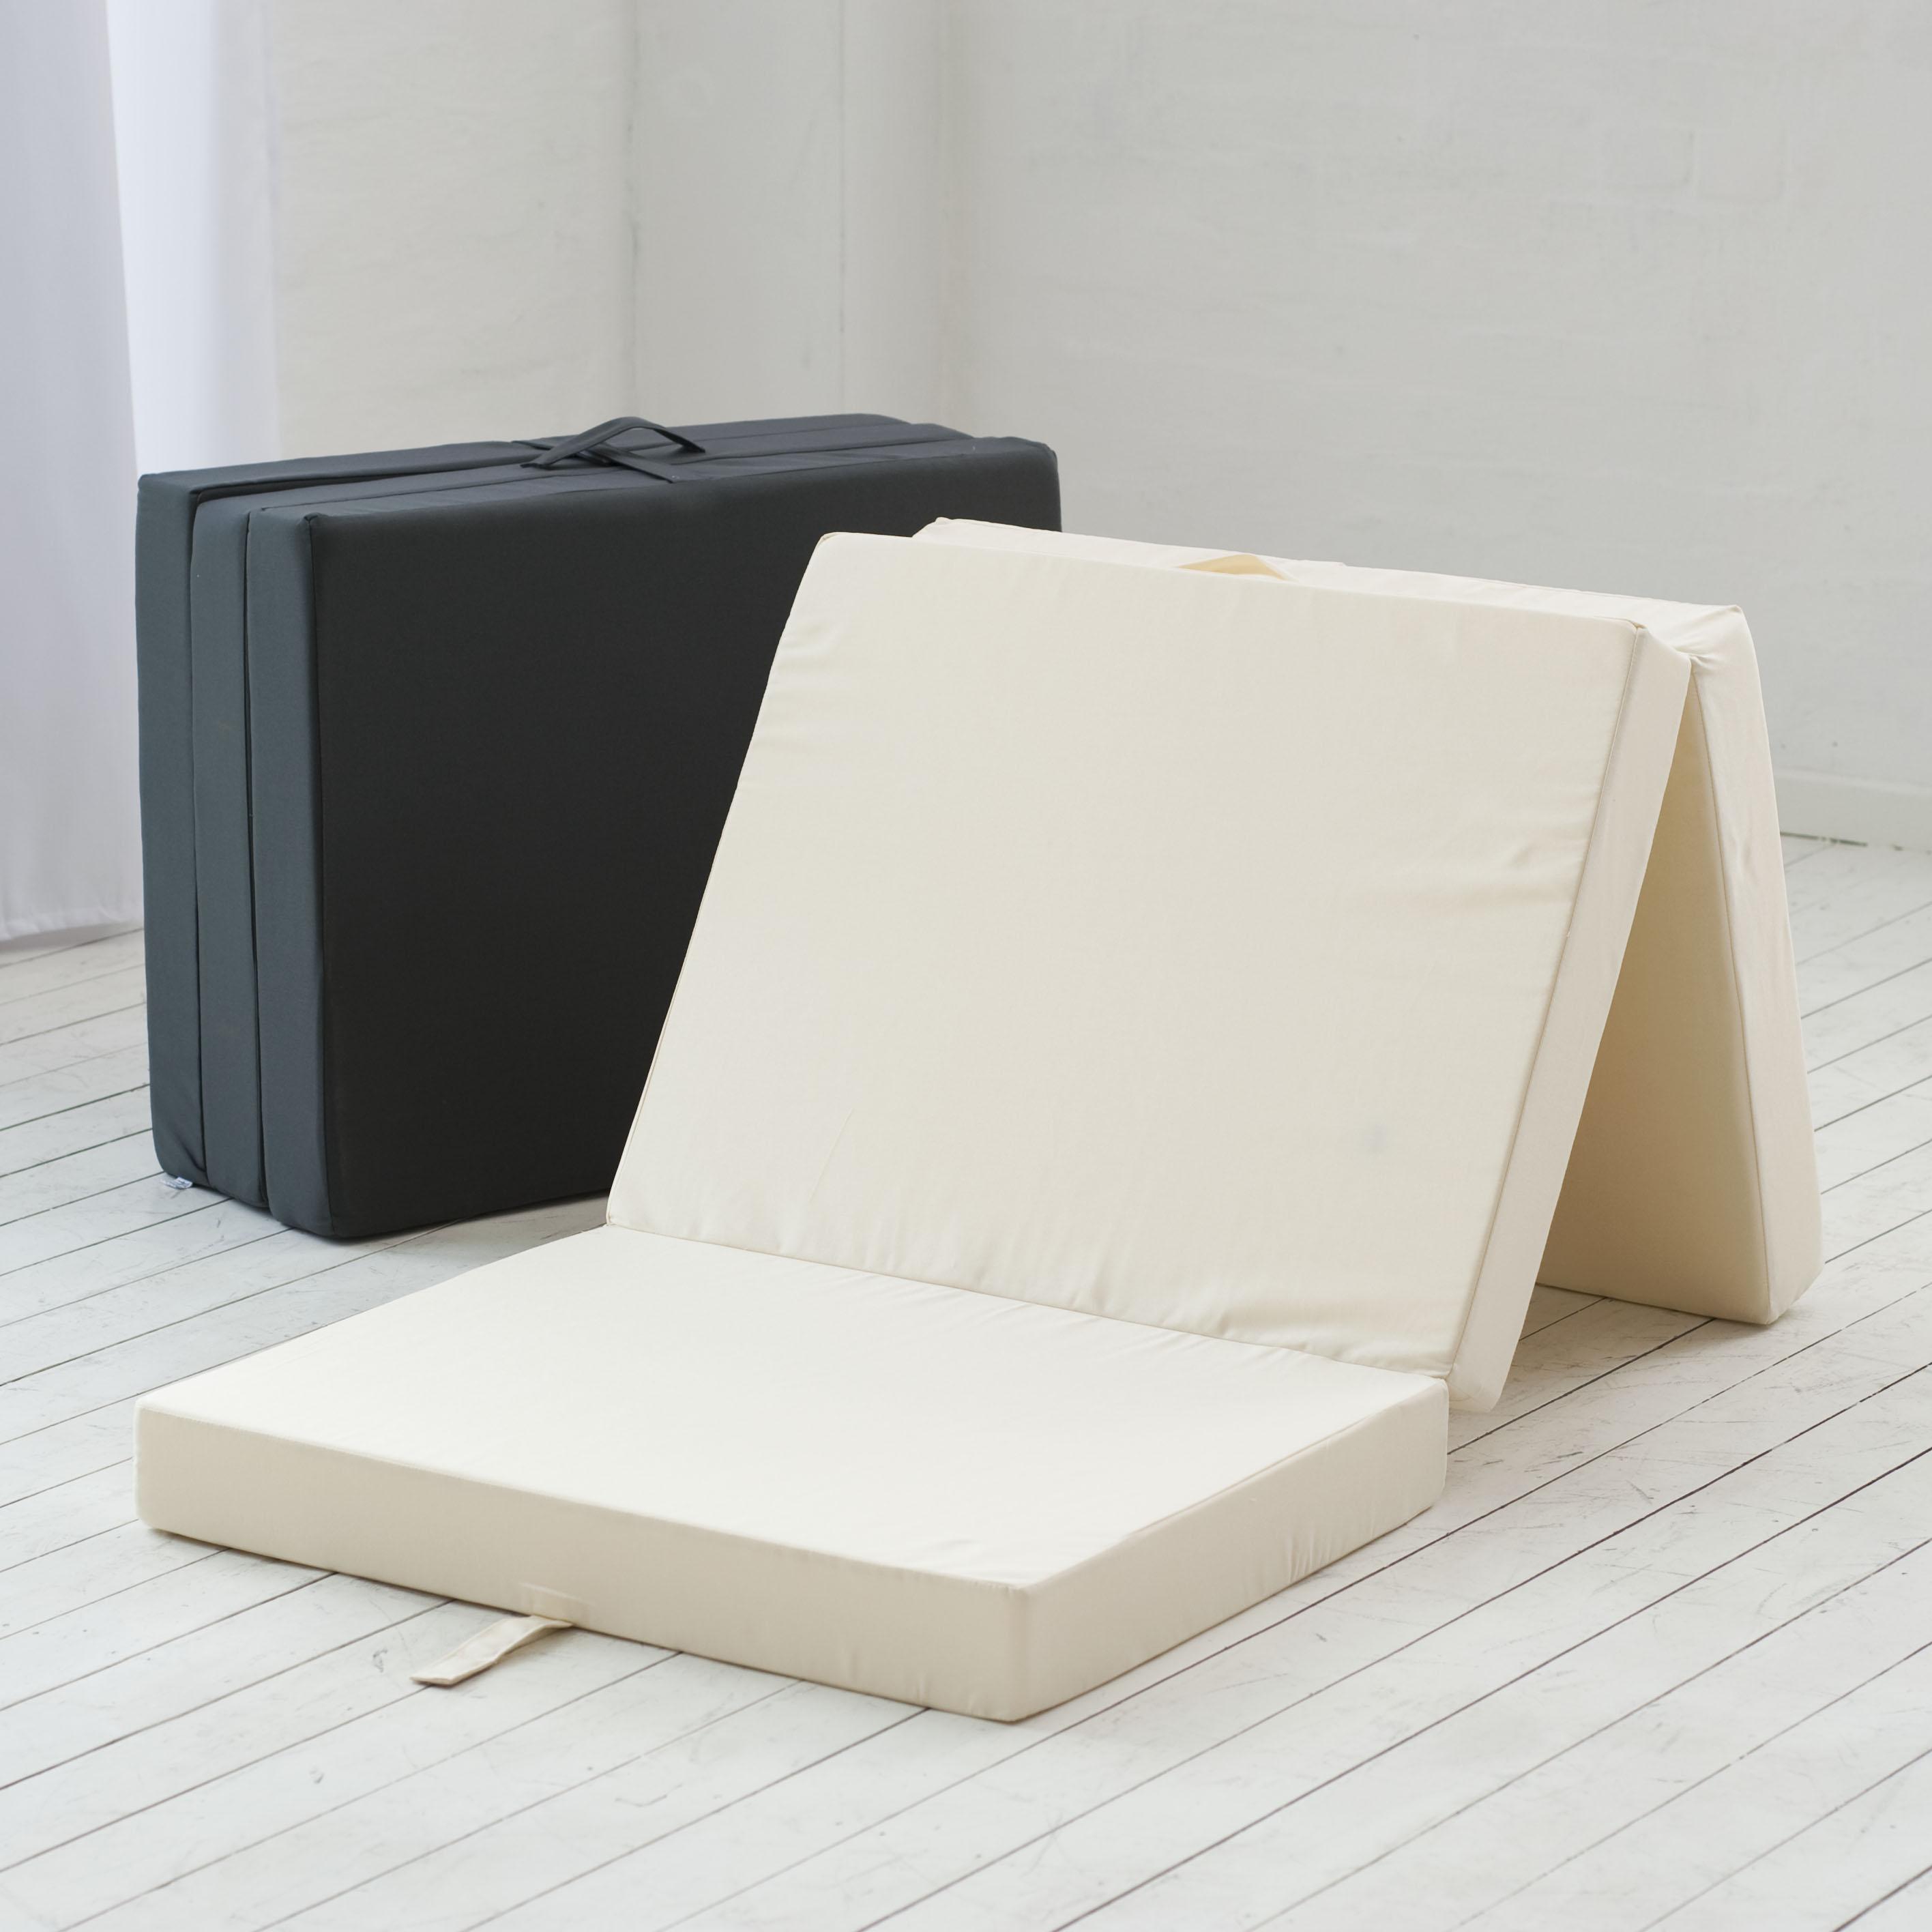 g stematratze online kaufen. Black Bedroom Furniture Sets. Home Design Ideas